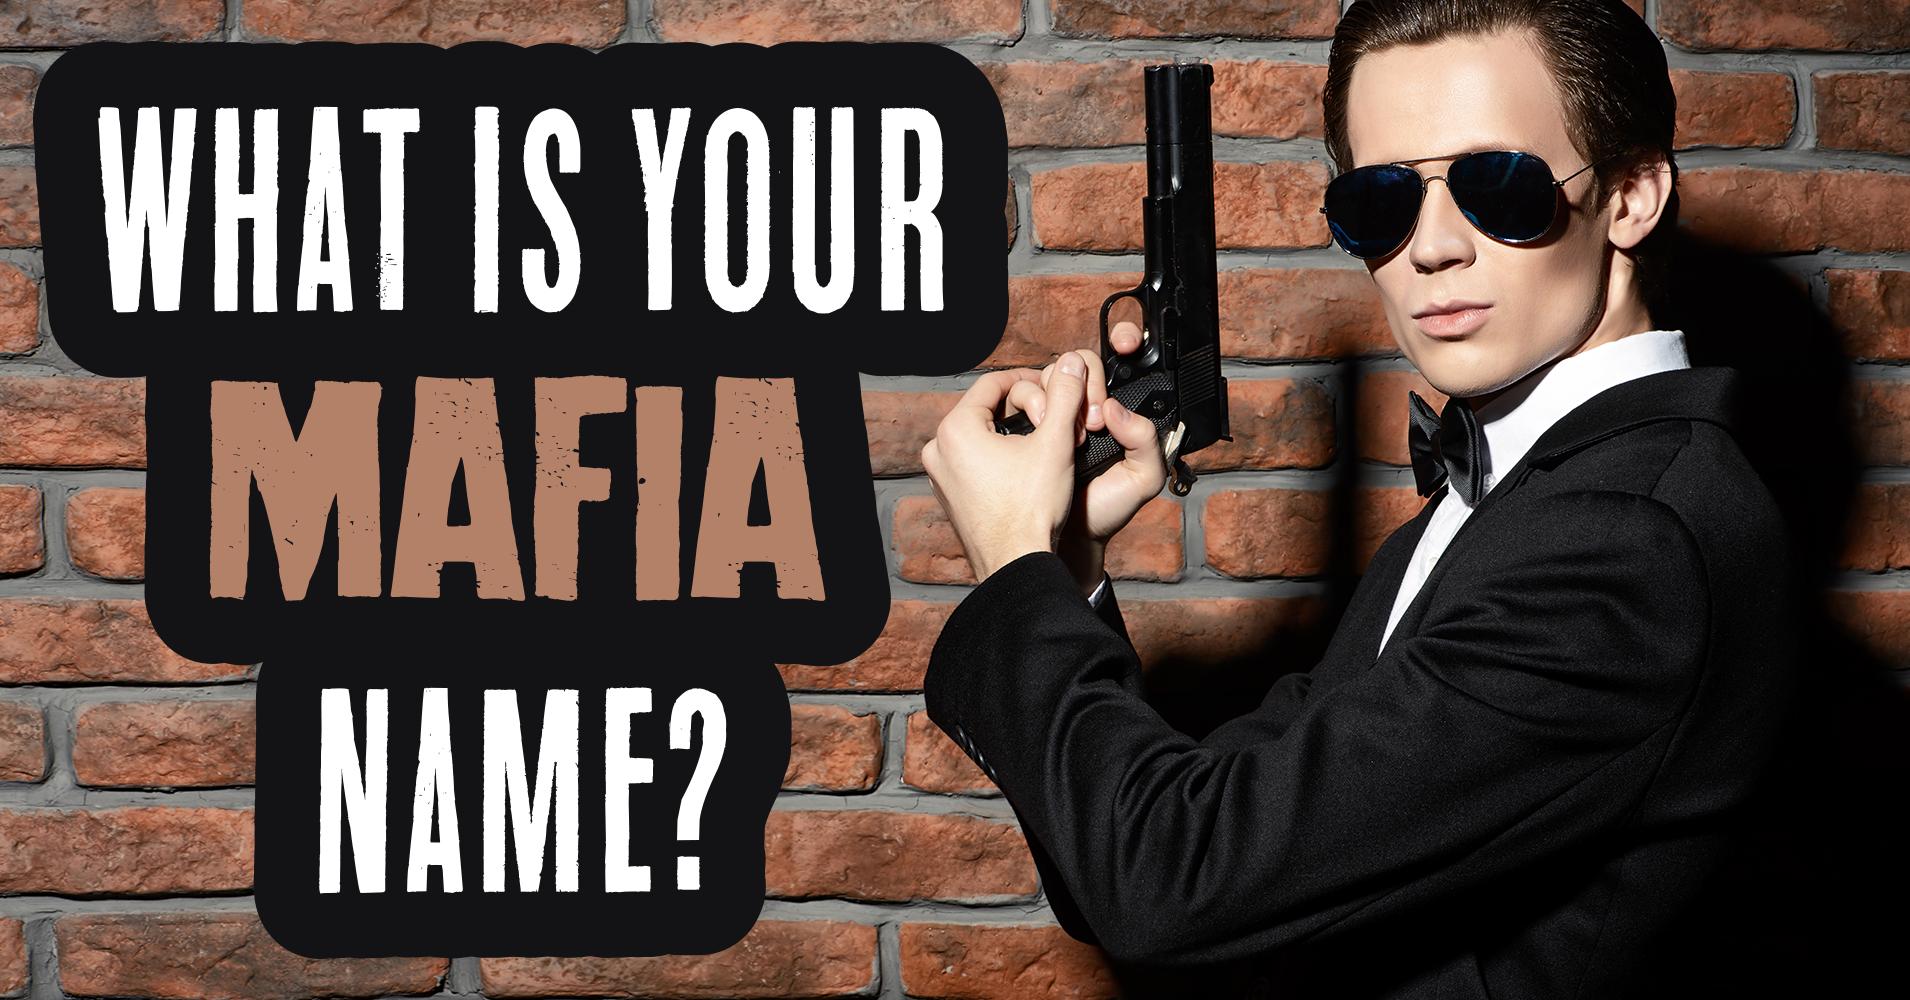 mafia namen